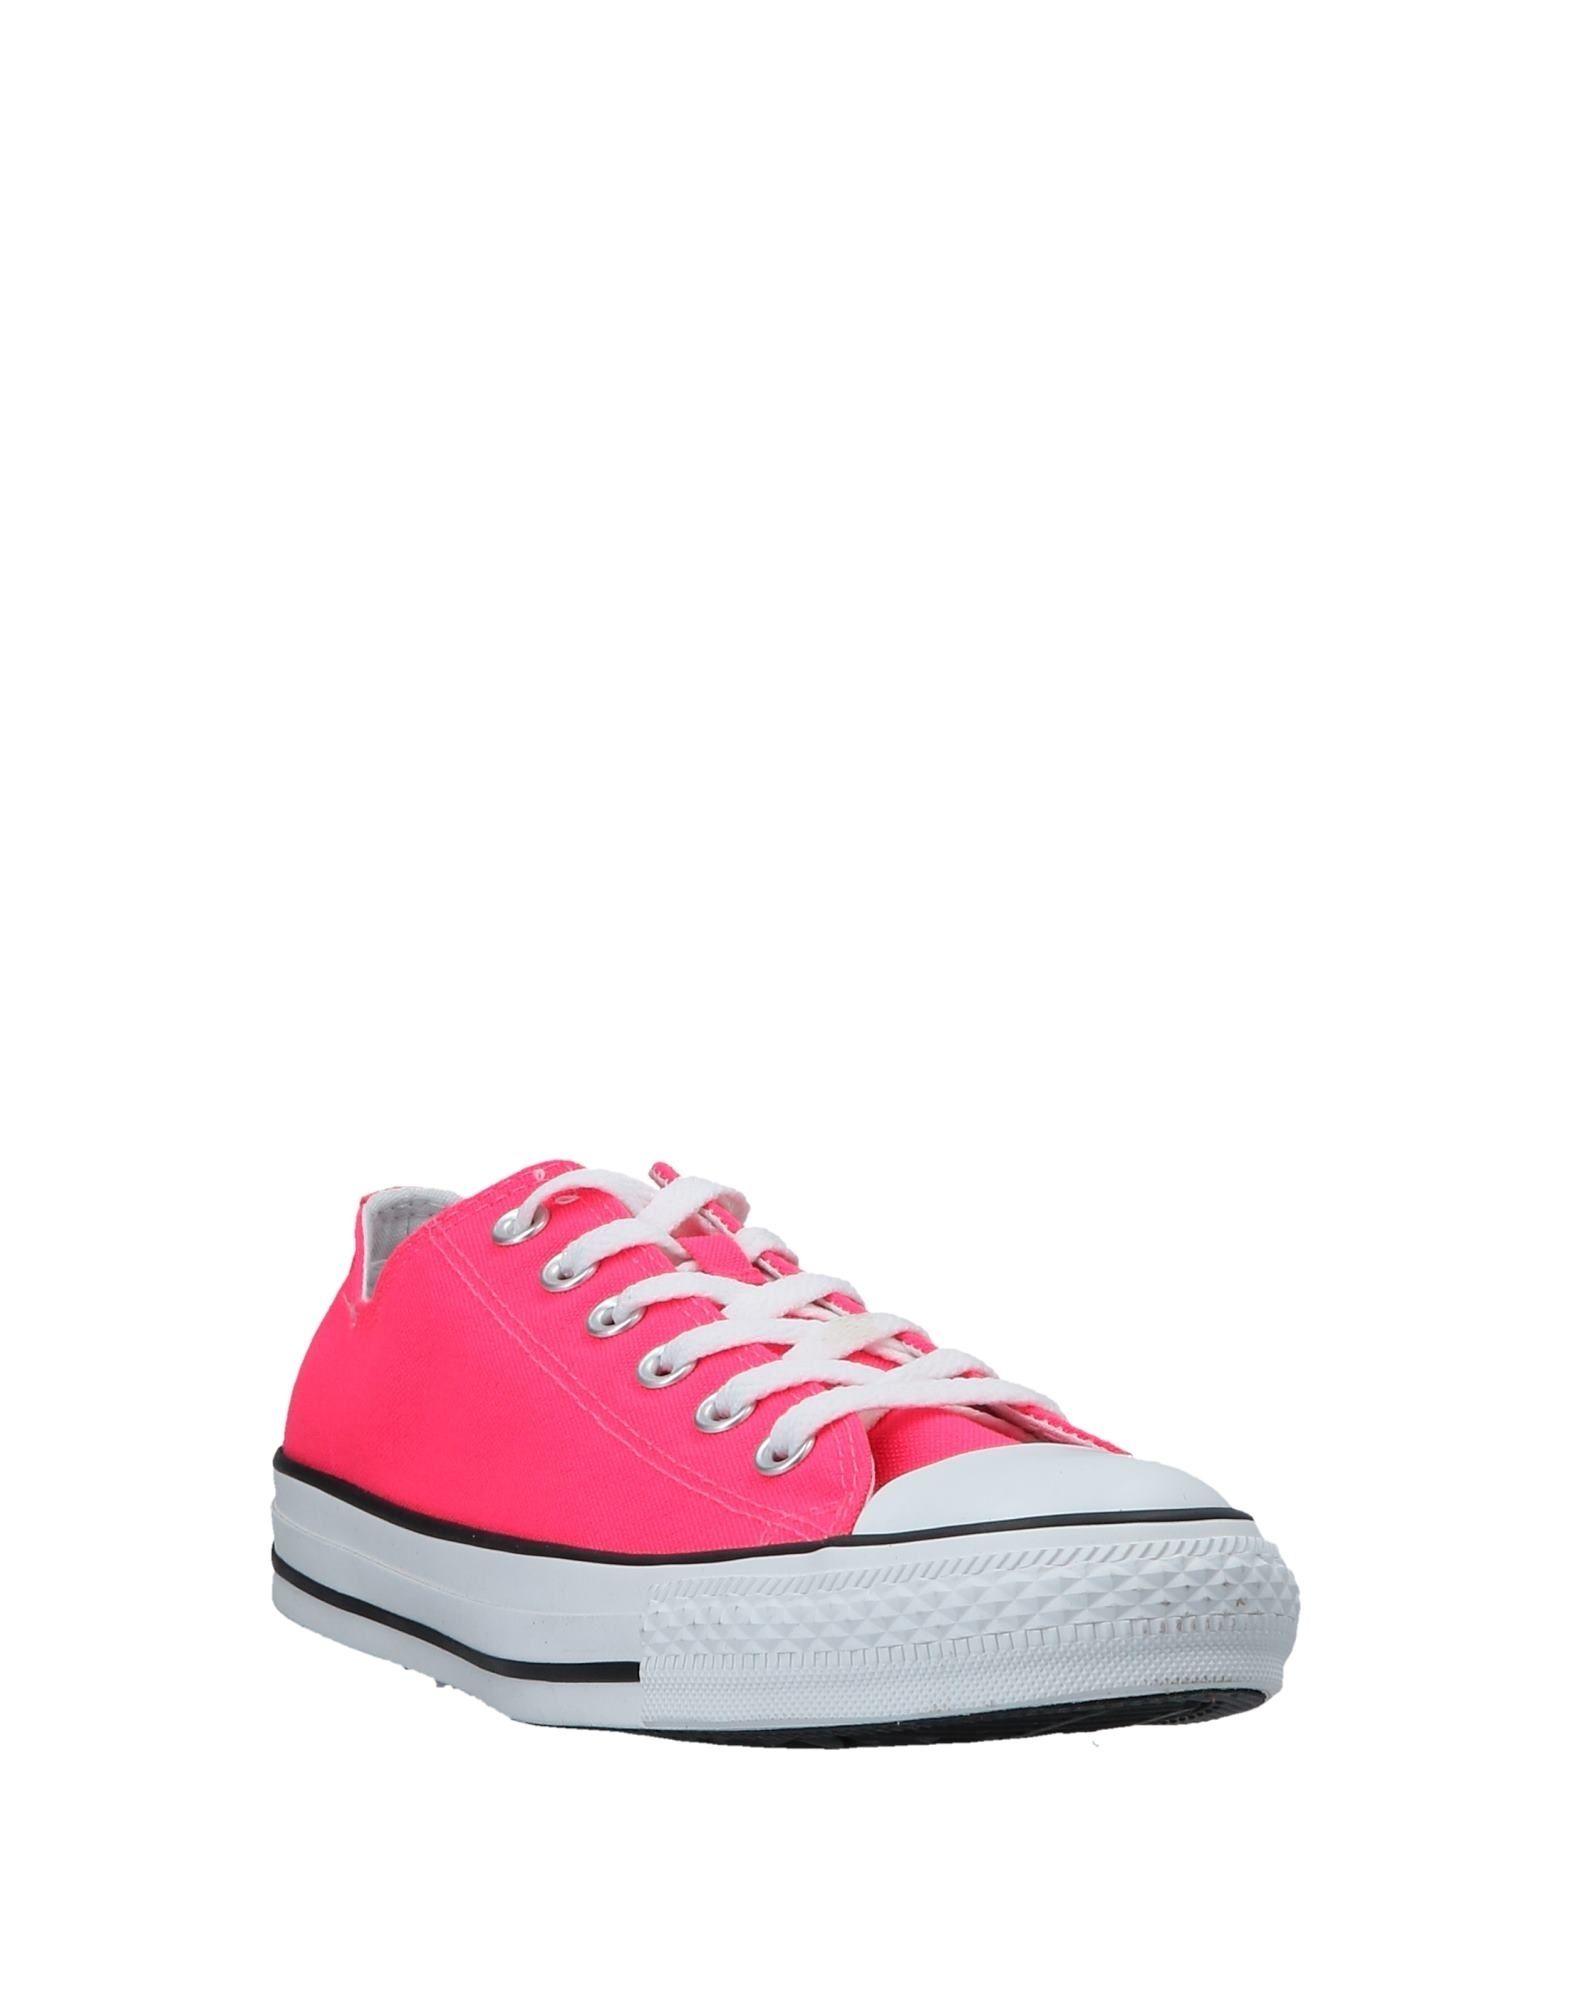 Converse All Star Gute Sneakers Damen  11551789BJ Gute Star Qualität beliebte Schuhe 28286b